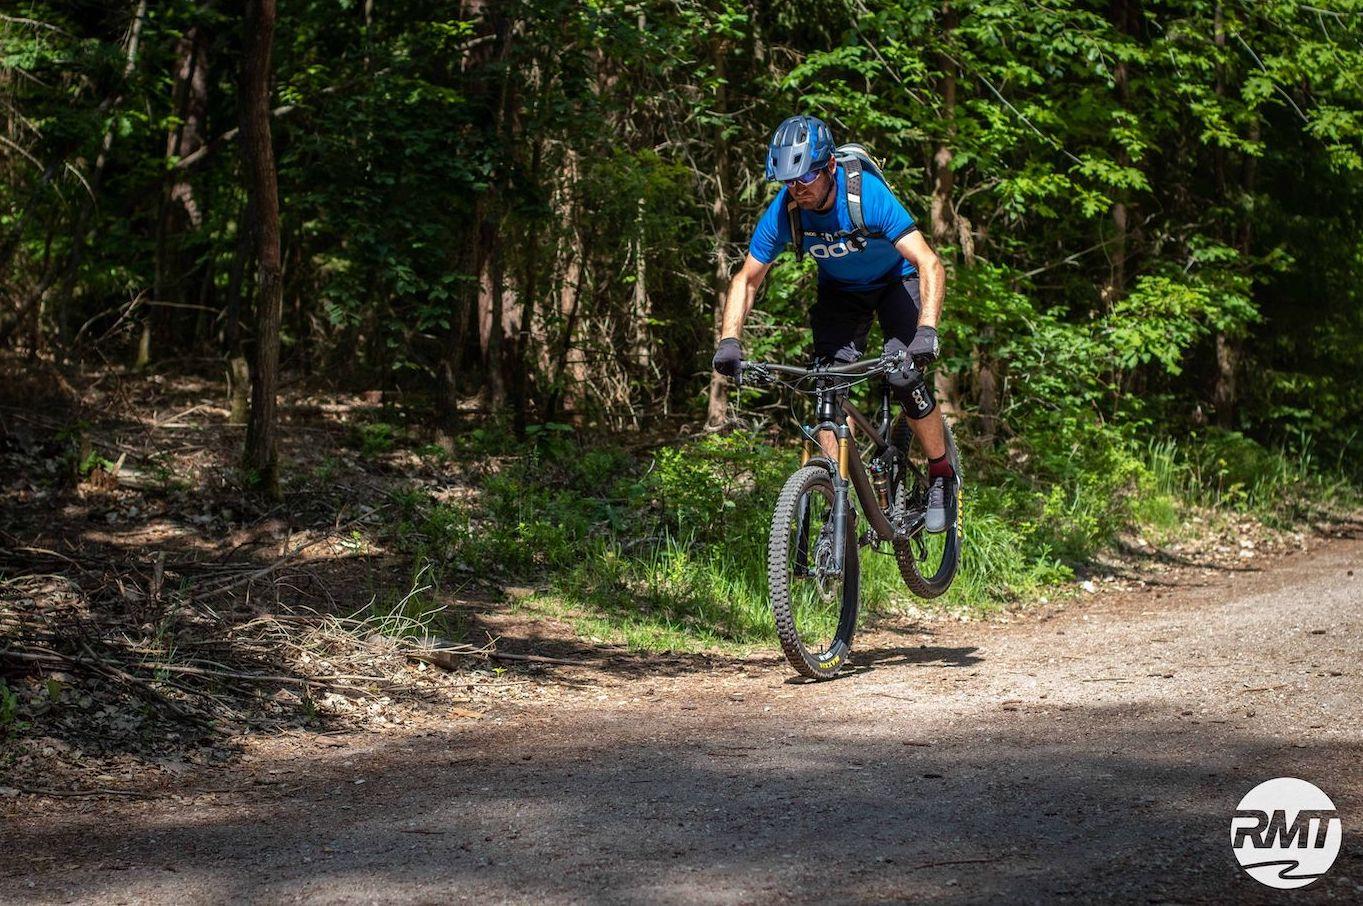 MTB Fahrtechnik Kurs Fortgeschrittene in Hamburg - Harburger Berge Norden - Mountainbike Fortgeschritten - Rock my Trail Bikeschule - 8